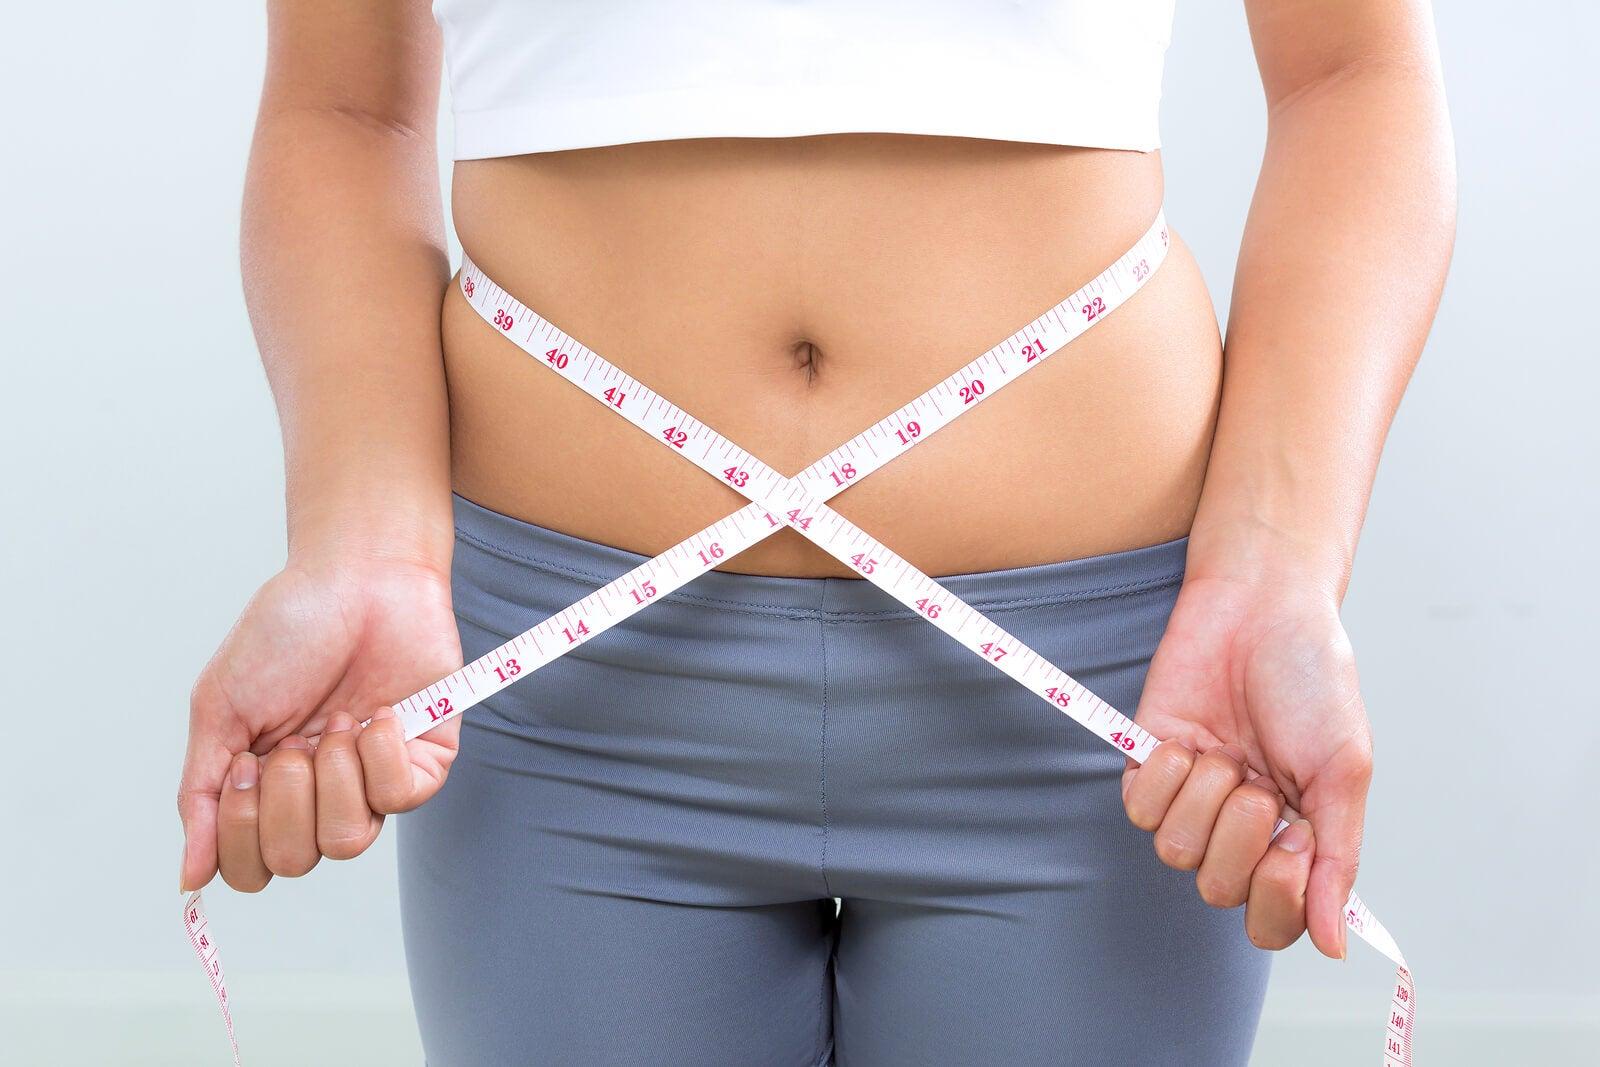 Pérdida de peso y diabetes: ¿cómo se relacionan?